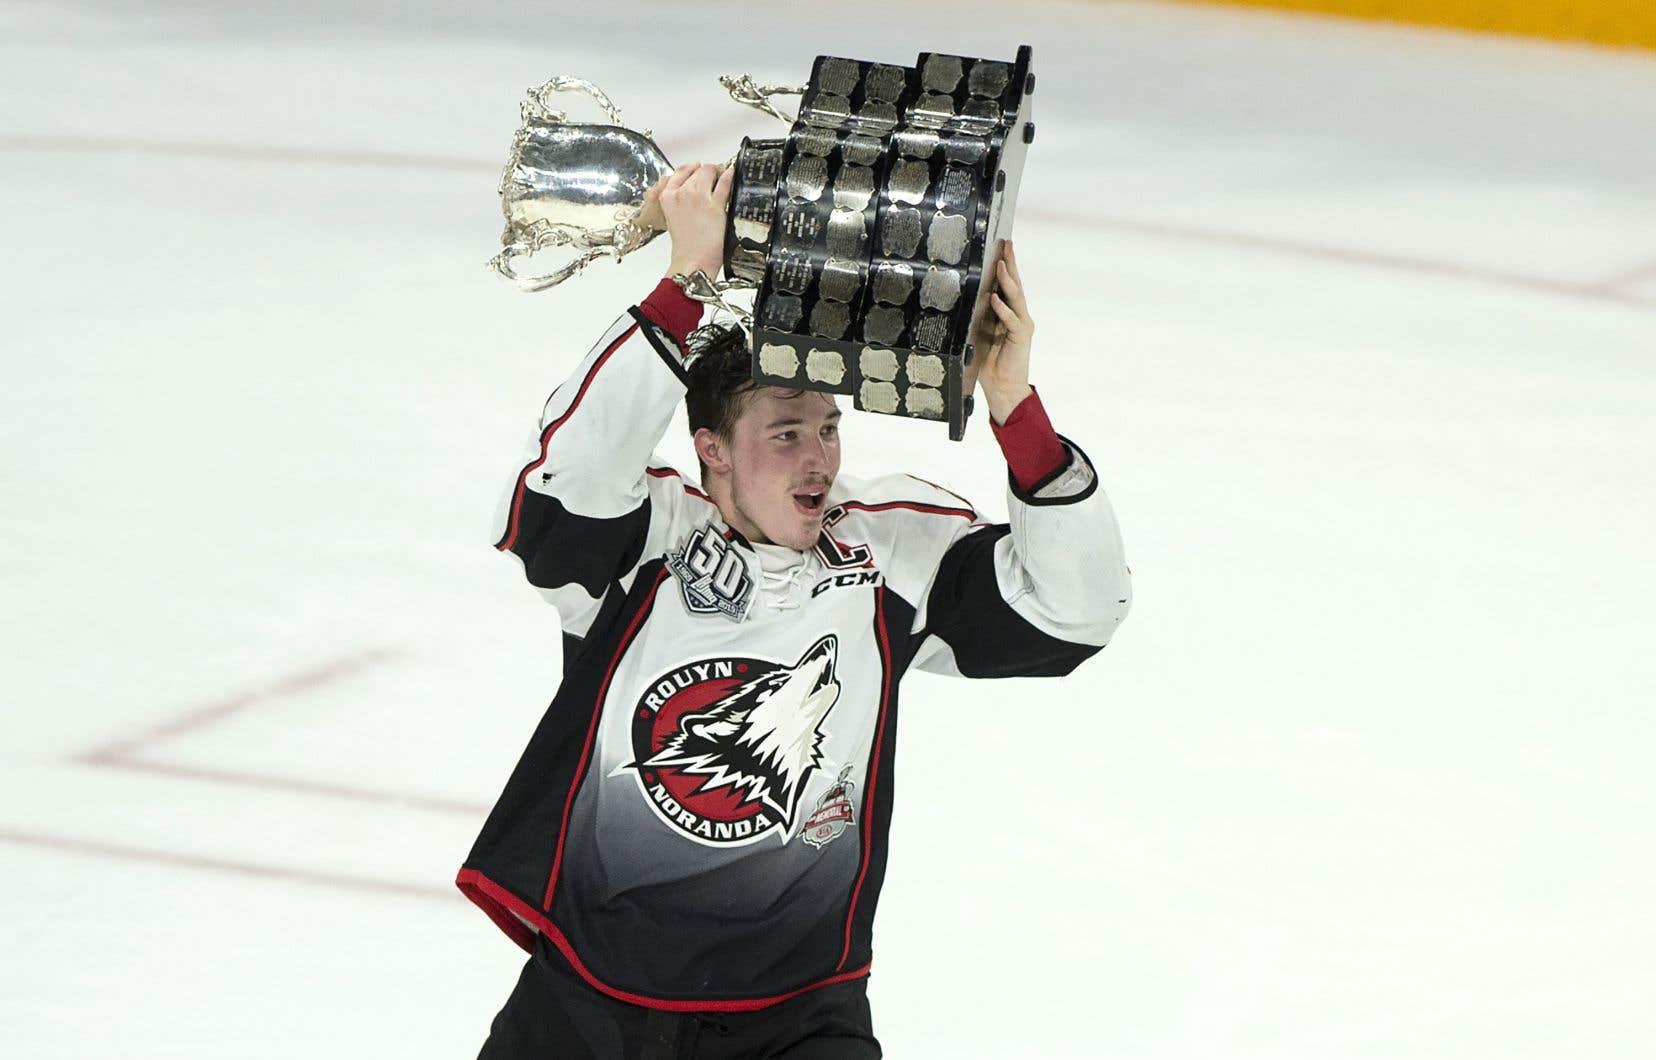 Le plus récent tournoi de la Coupe Memorial a été disputé en mai 2019 à Halifax.